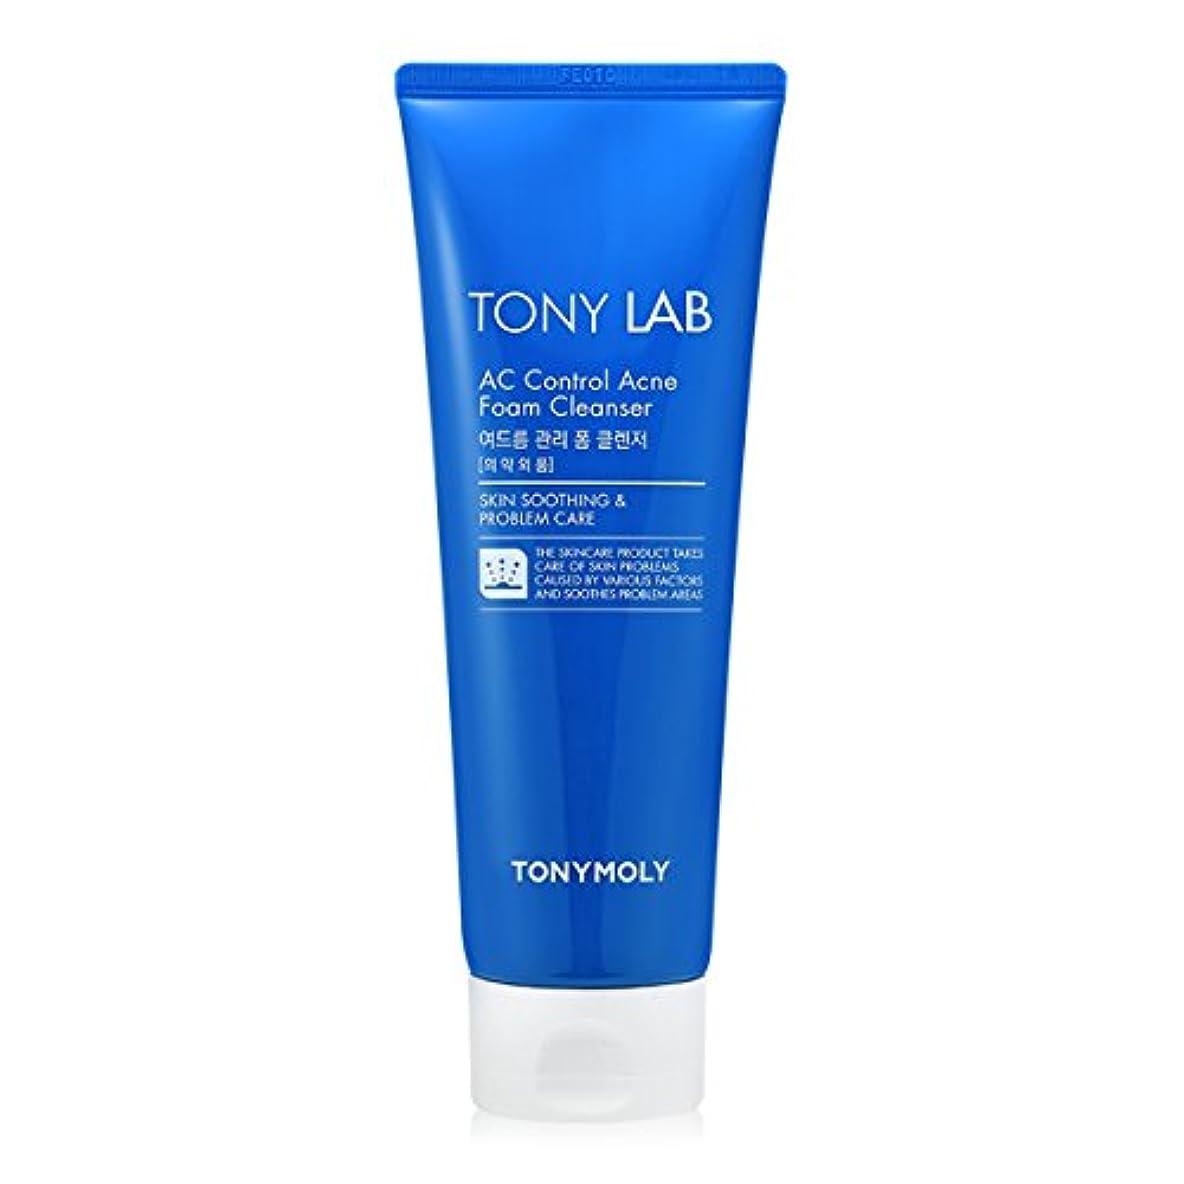 材料ヘア無法者[New] TONYMOLY Tony Lab AC Control Acne Foam Cleanser 150ml/トニーモリー トニー ラボ AC コントロール アクネ フォーム クレンザー 150ml